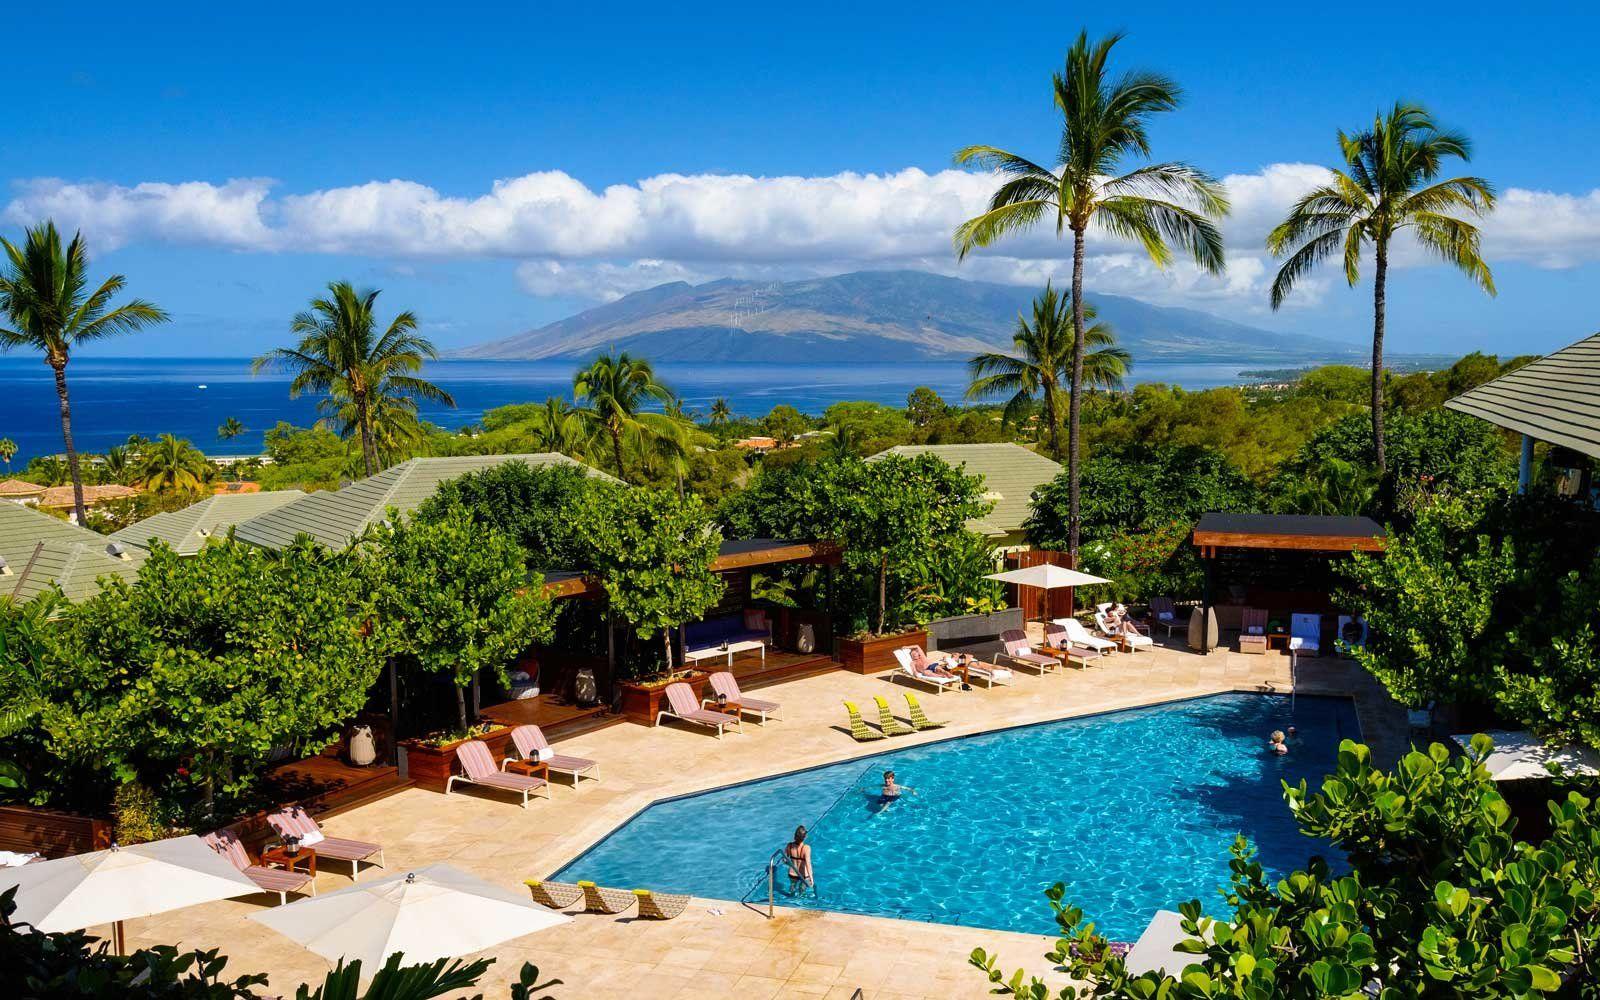 Hotel Wailea Hotel Wailea Maui Hawaii Hotels Maui Resorts